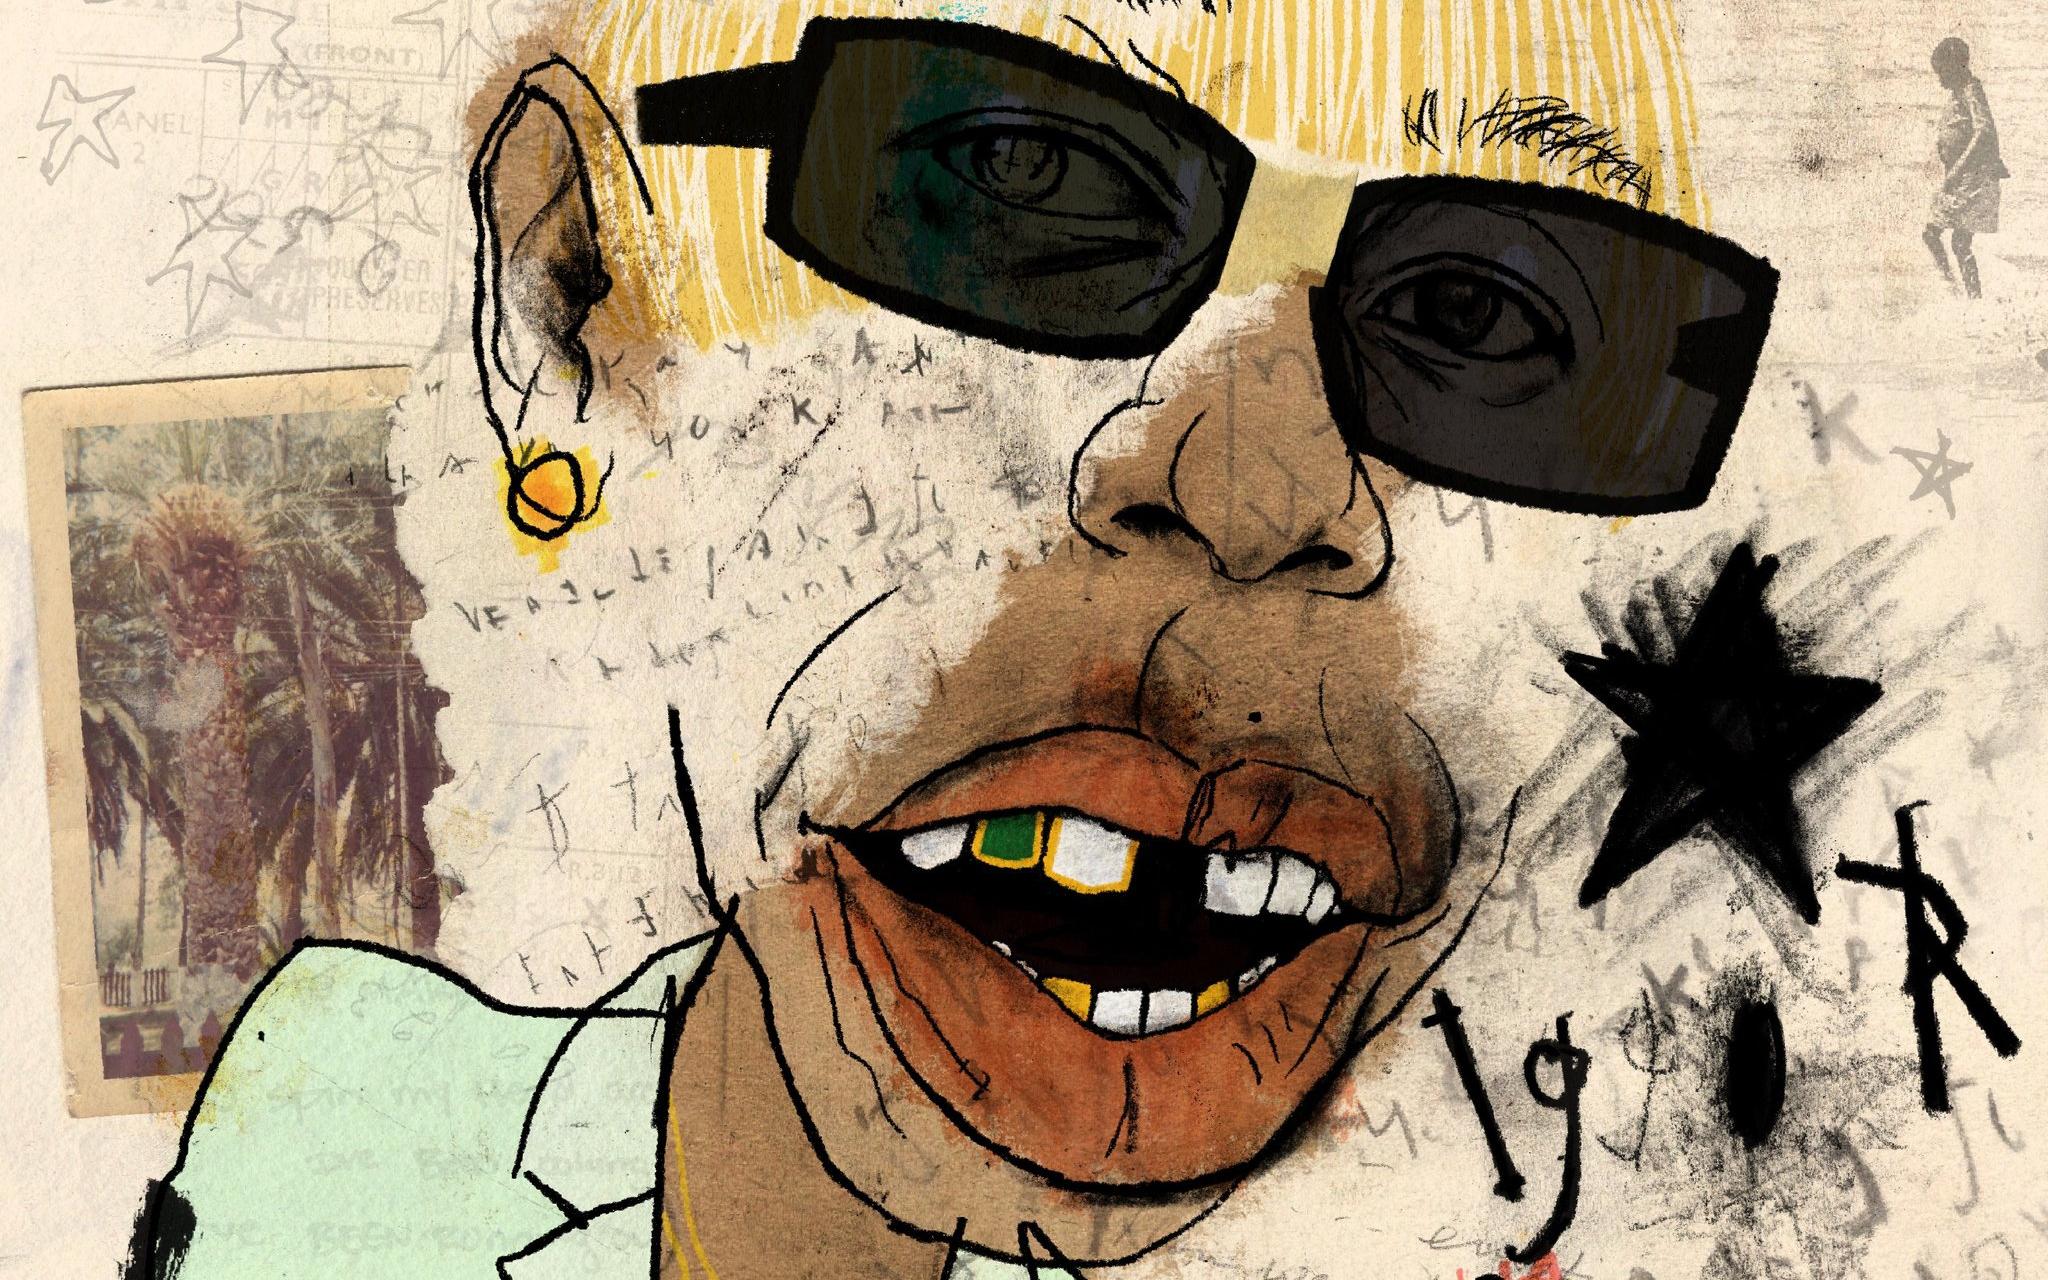 Lewis Rossignol: el artista detrás de la portada alternativa del nuevo disco de Tyler, the Creator